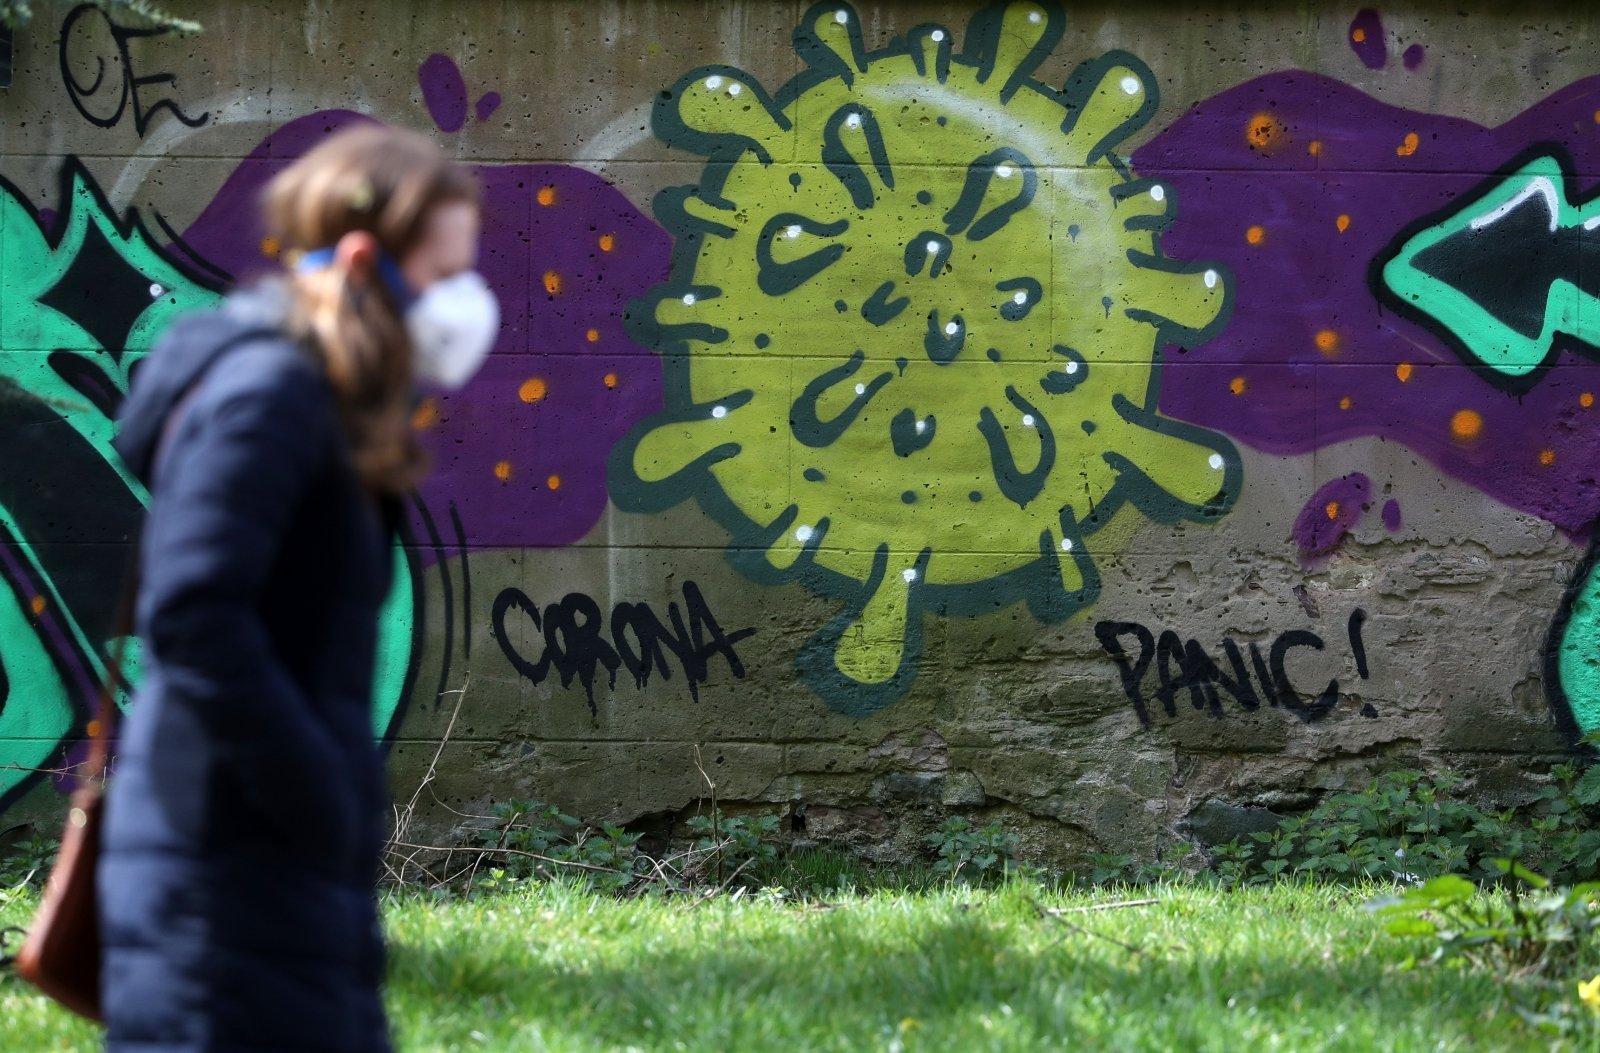 Эксперты СЕ предупреждают об угрозе применения террористами биооружия после пандемии COVID-19